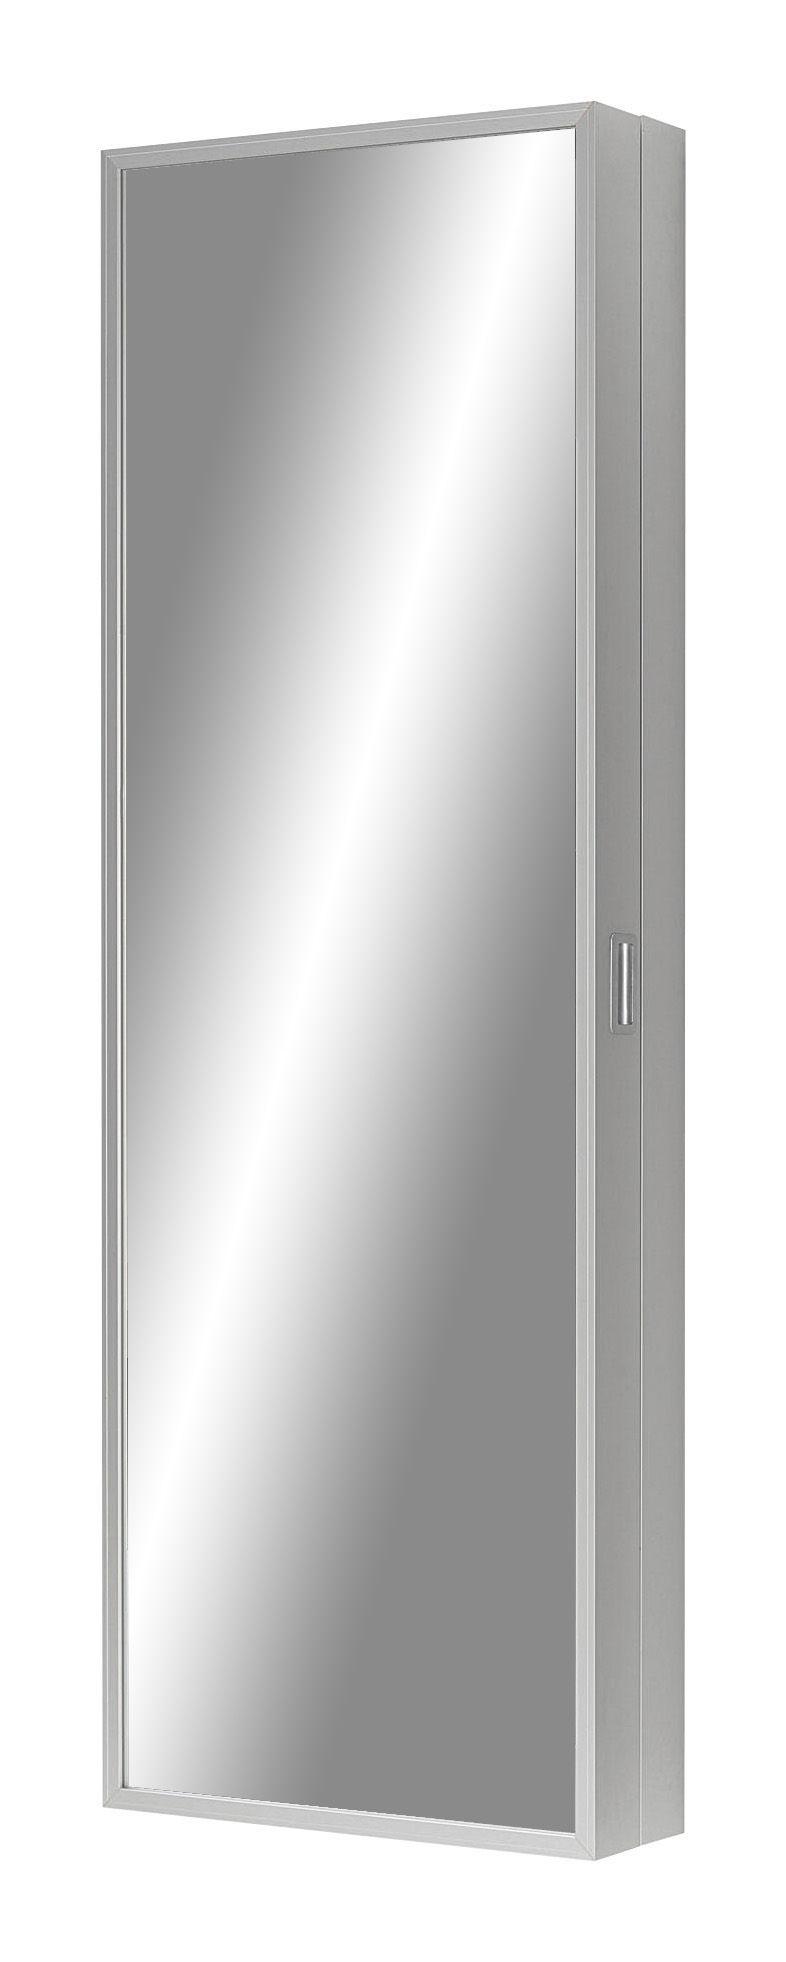 Arredamento - Raccoglitori - Mobile per scarpe Foot Box di Kristalia - Alluminio - Specchio - Alluminio anodizzato, Specchio